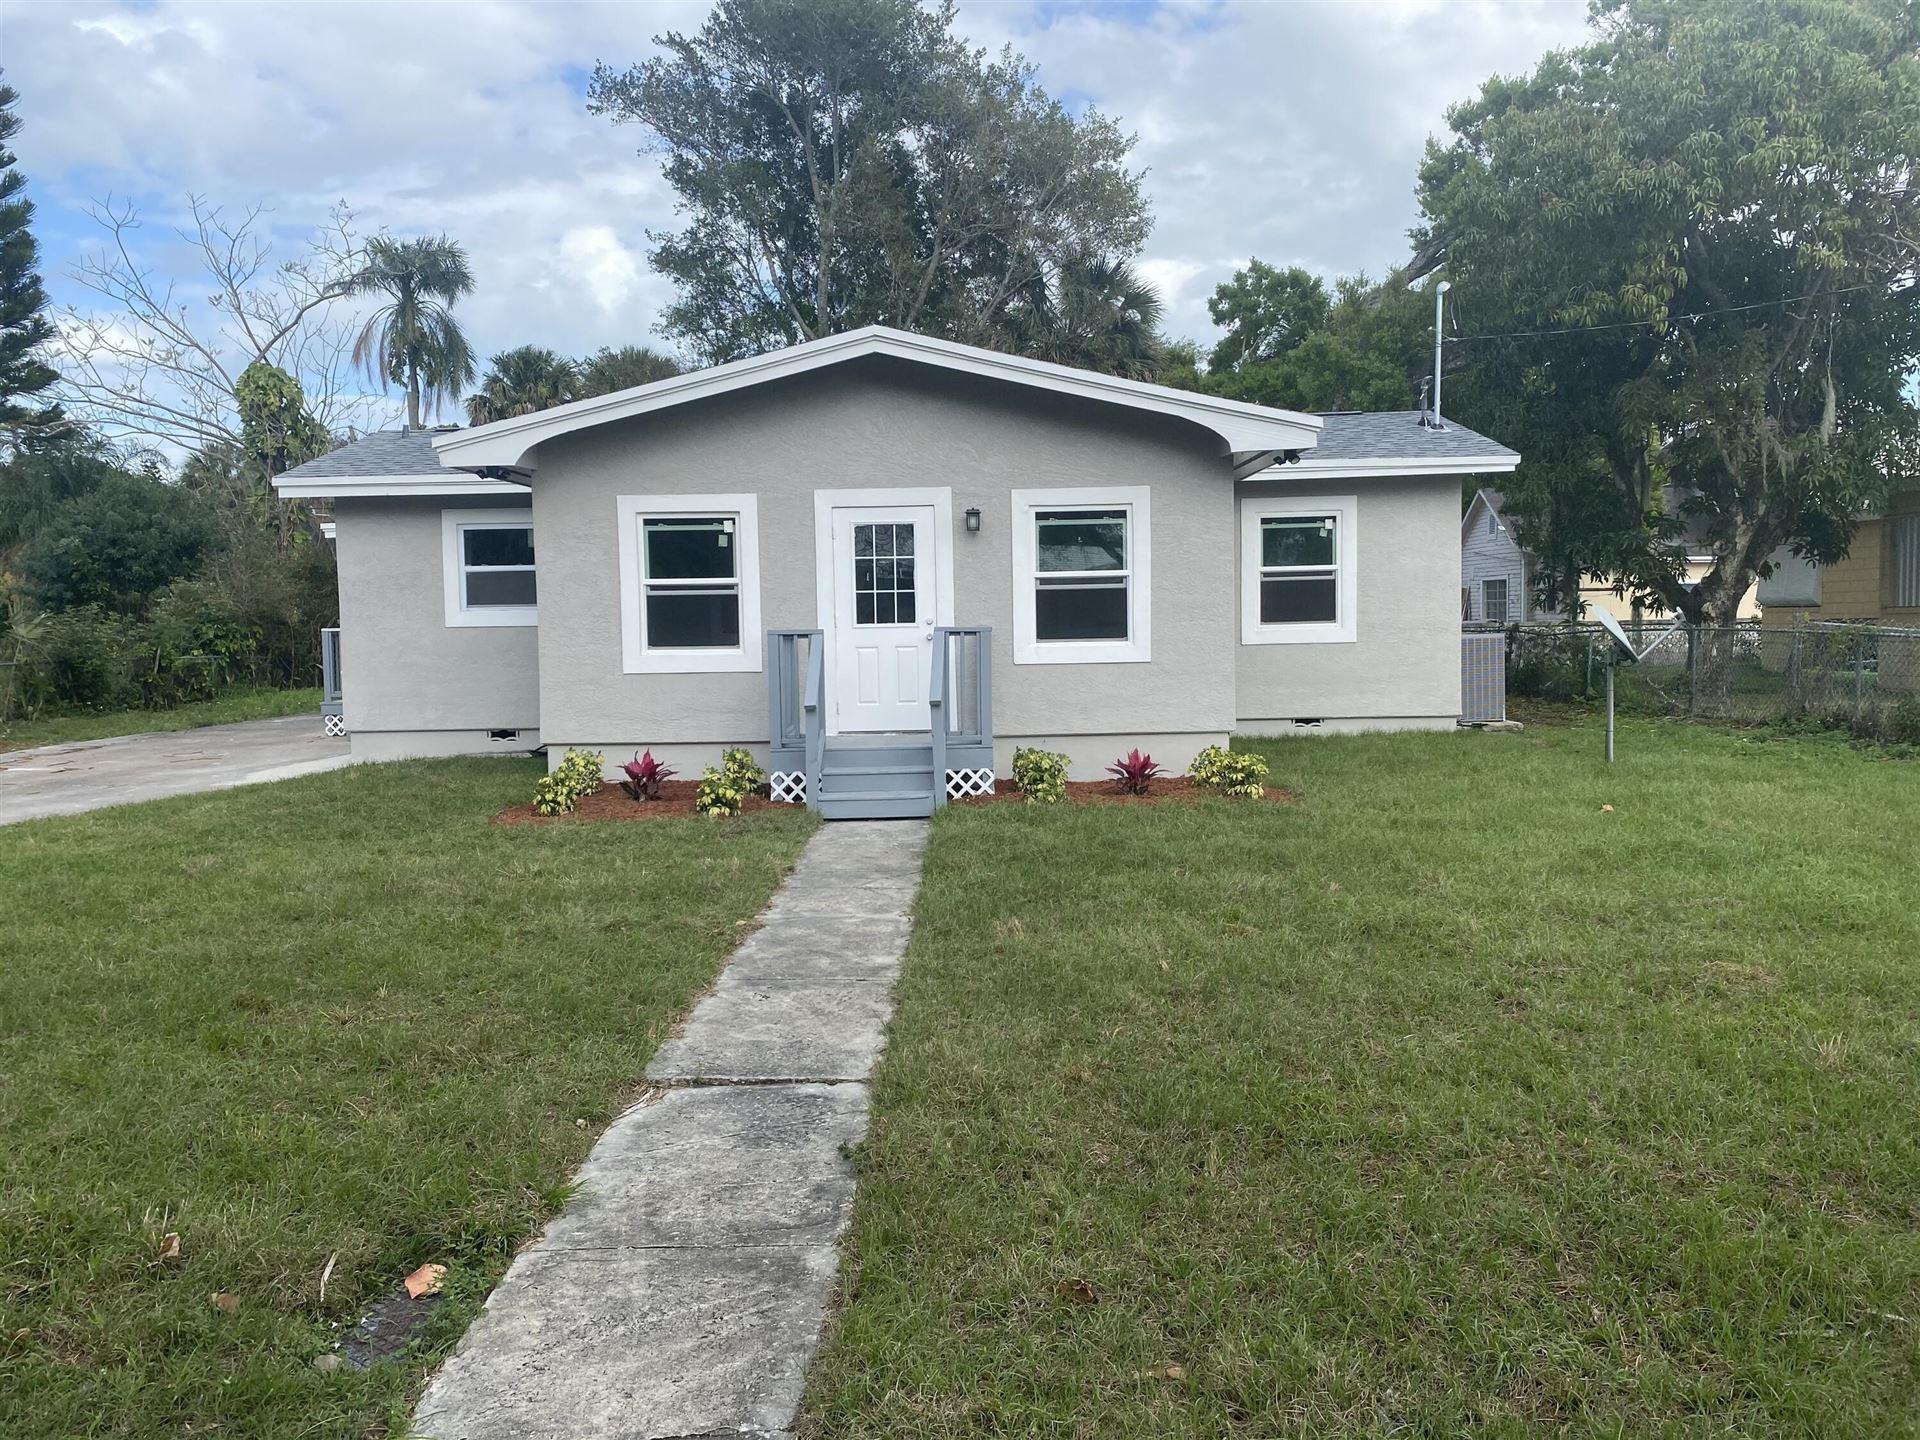 712 S 9th Street, Fort Pierce, FL 34950 - #: RX-10694114